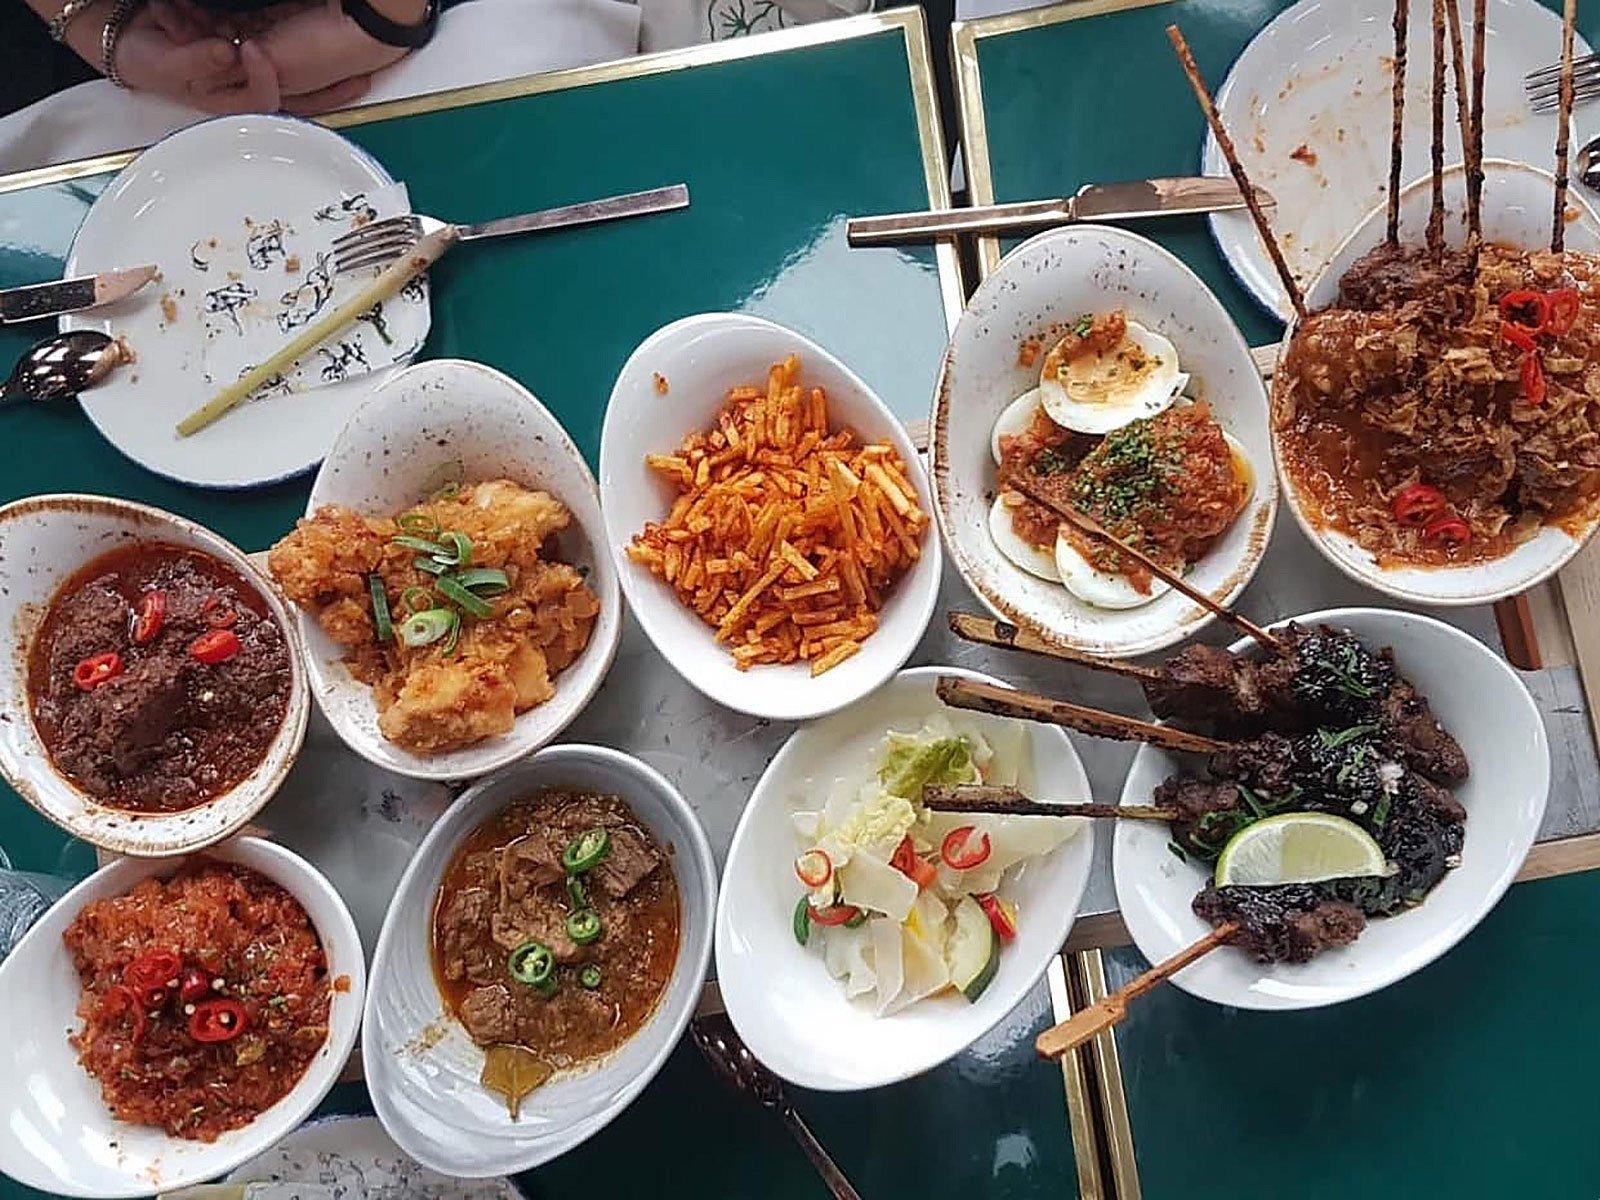 reisspecialist djordy smits favoriete eten rijsttafel